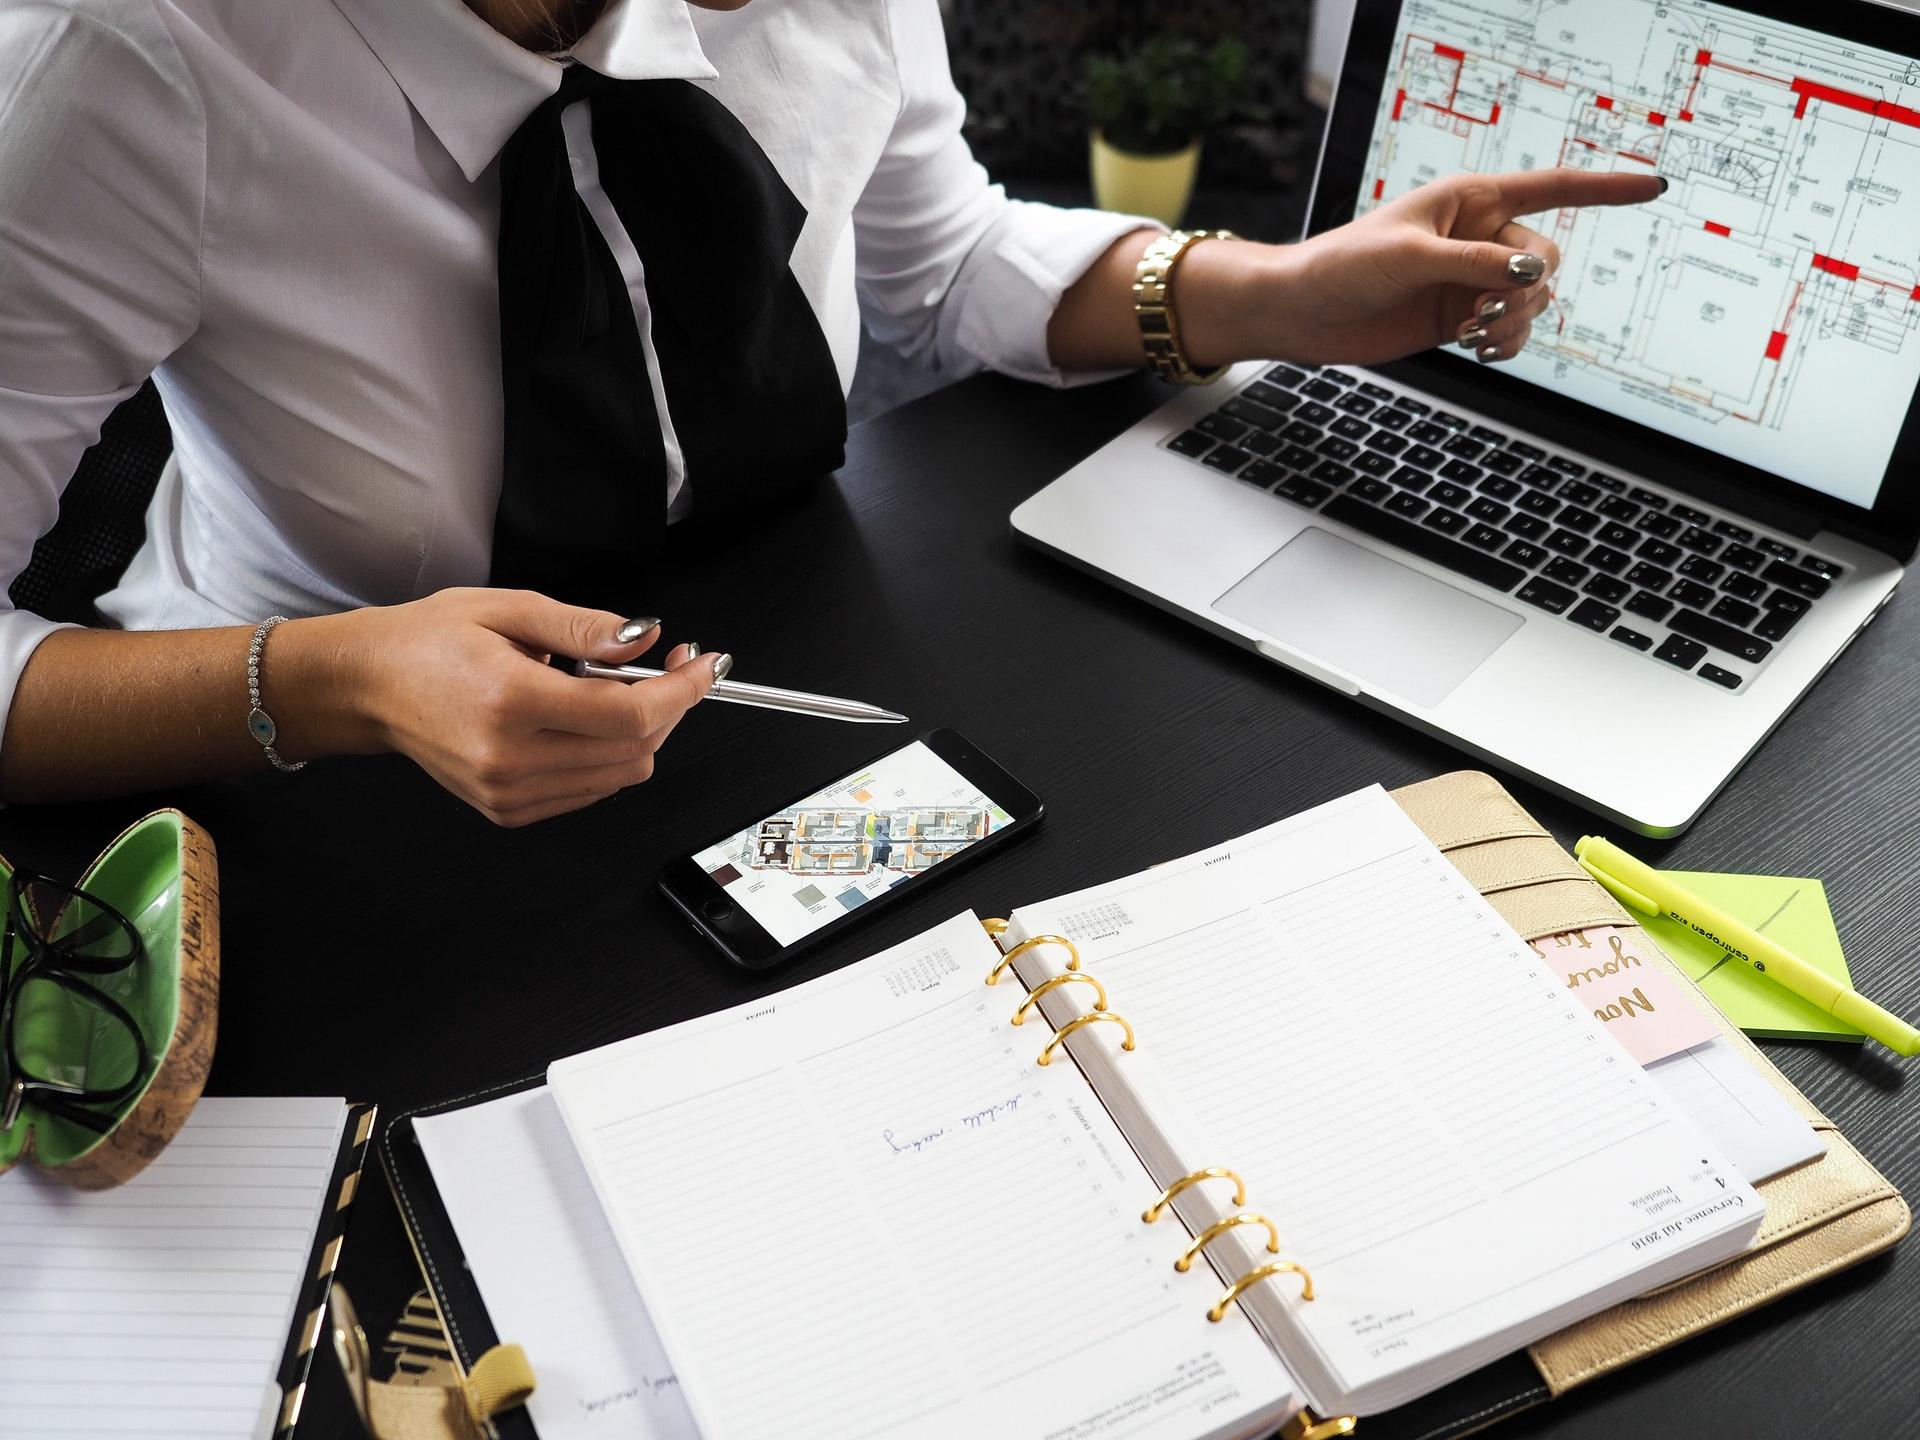 Profissional do mercado imobiliário fazendo análises. Há cadernos sobre uma mesa preta e um notebook, no qual se vê a planta de uma contrução.